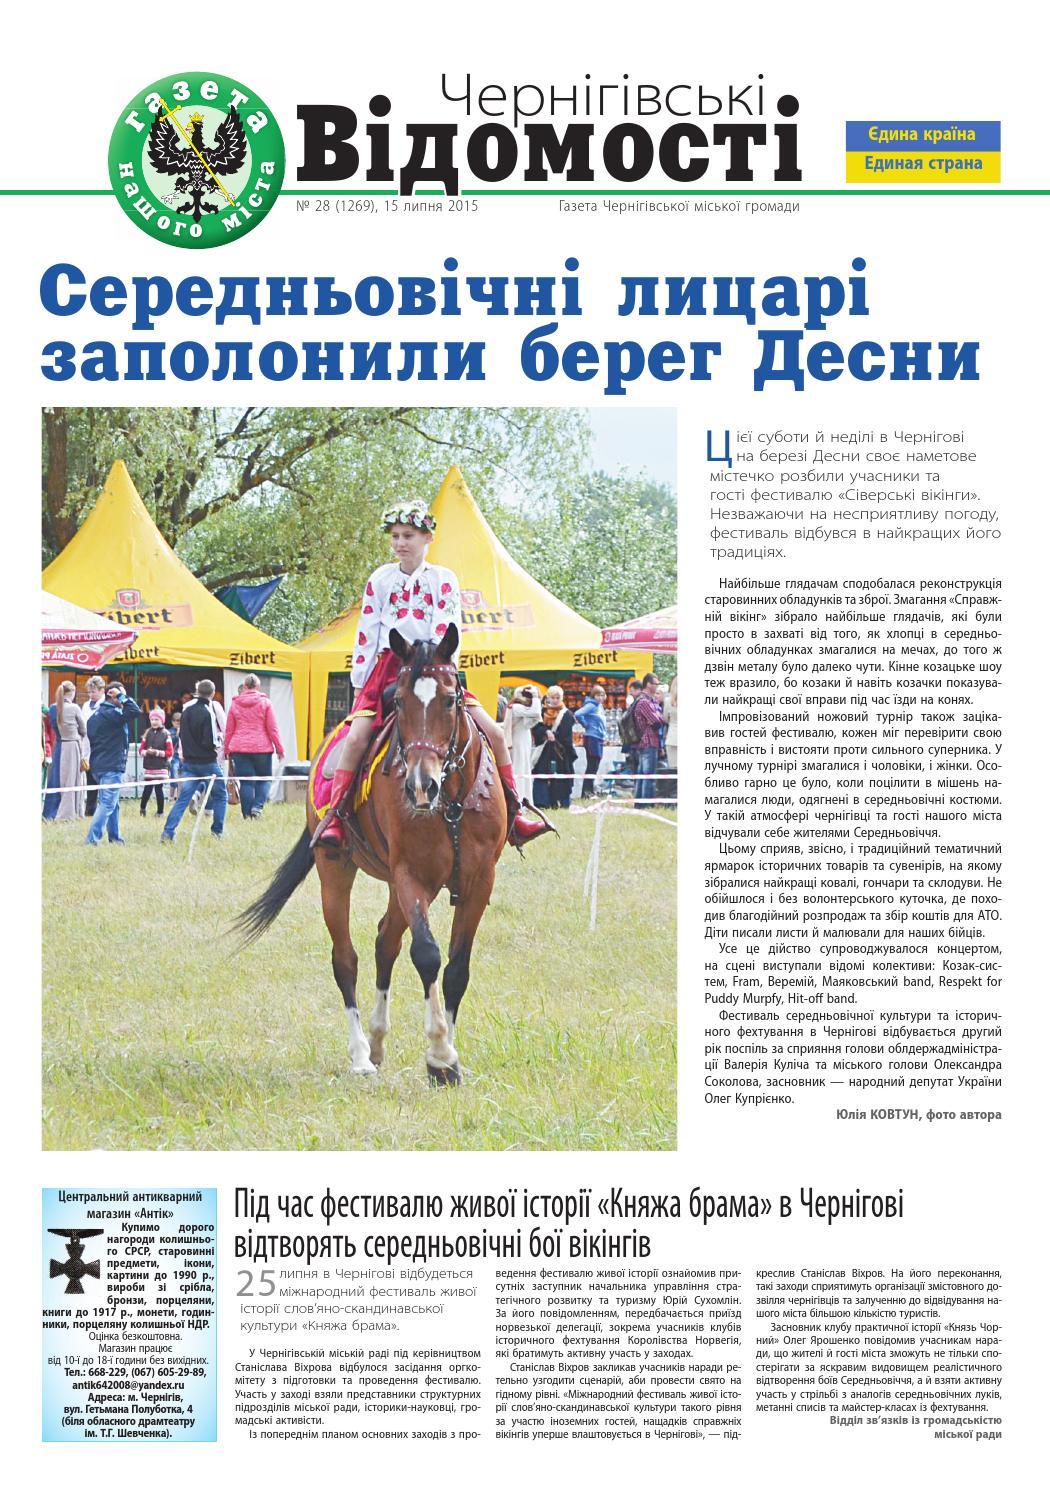 Чернігівські Відомості №28 by Alex PAN - issuu 7c498ec0523f9